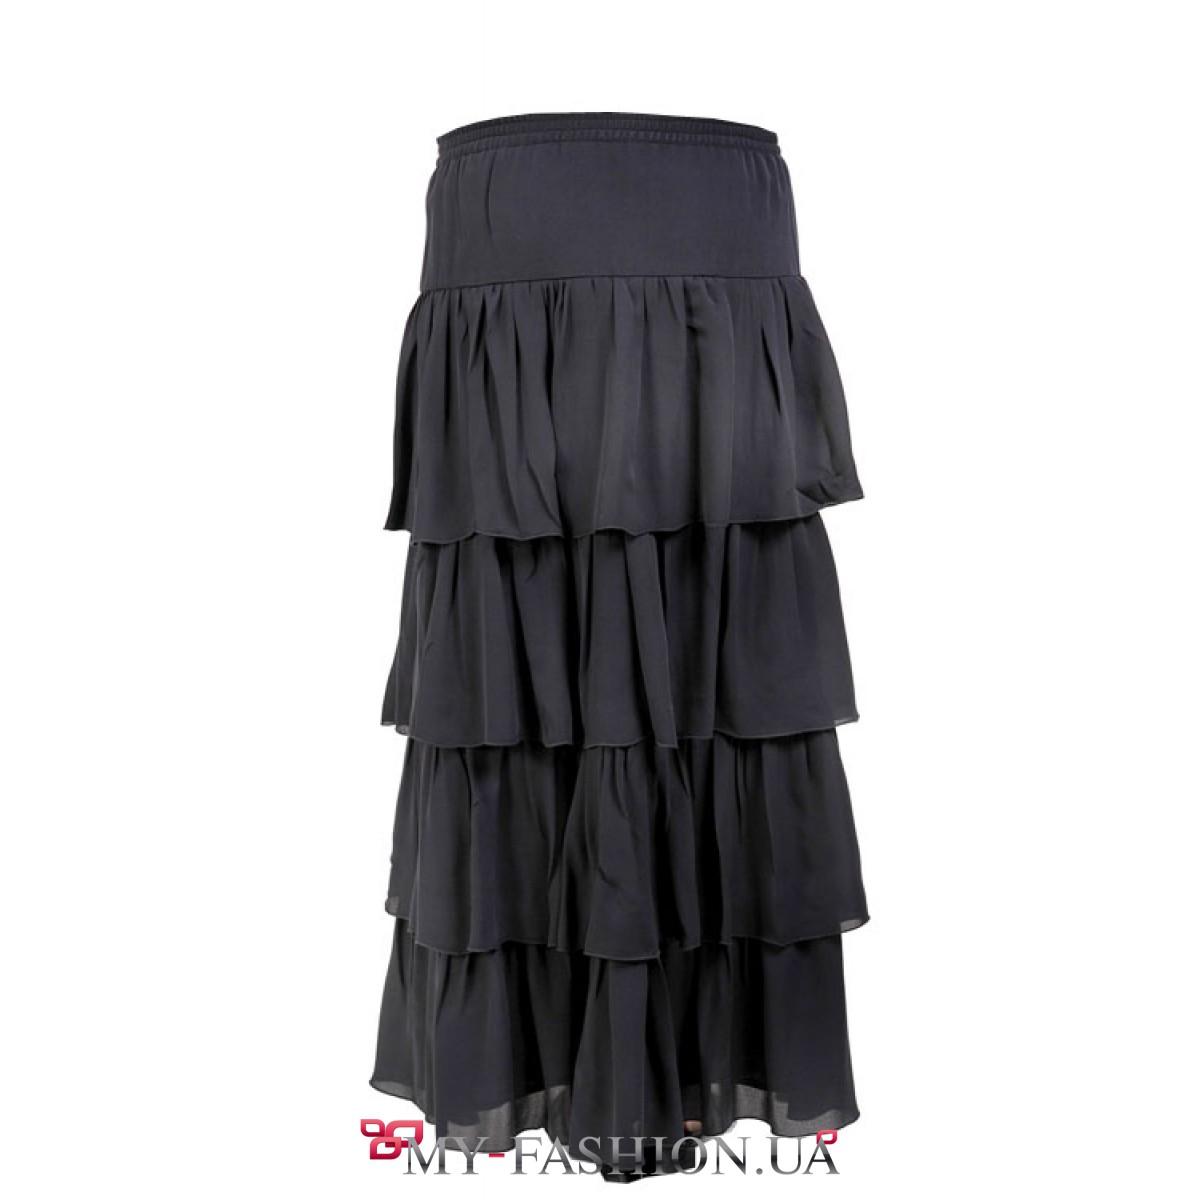 Женская Одежда Черная Купить